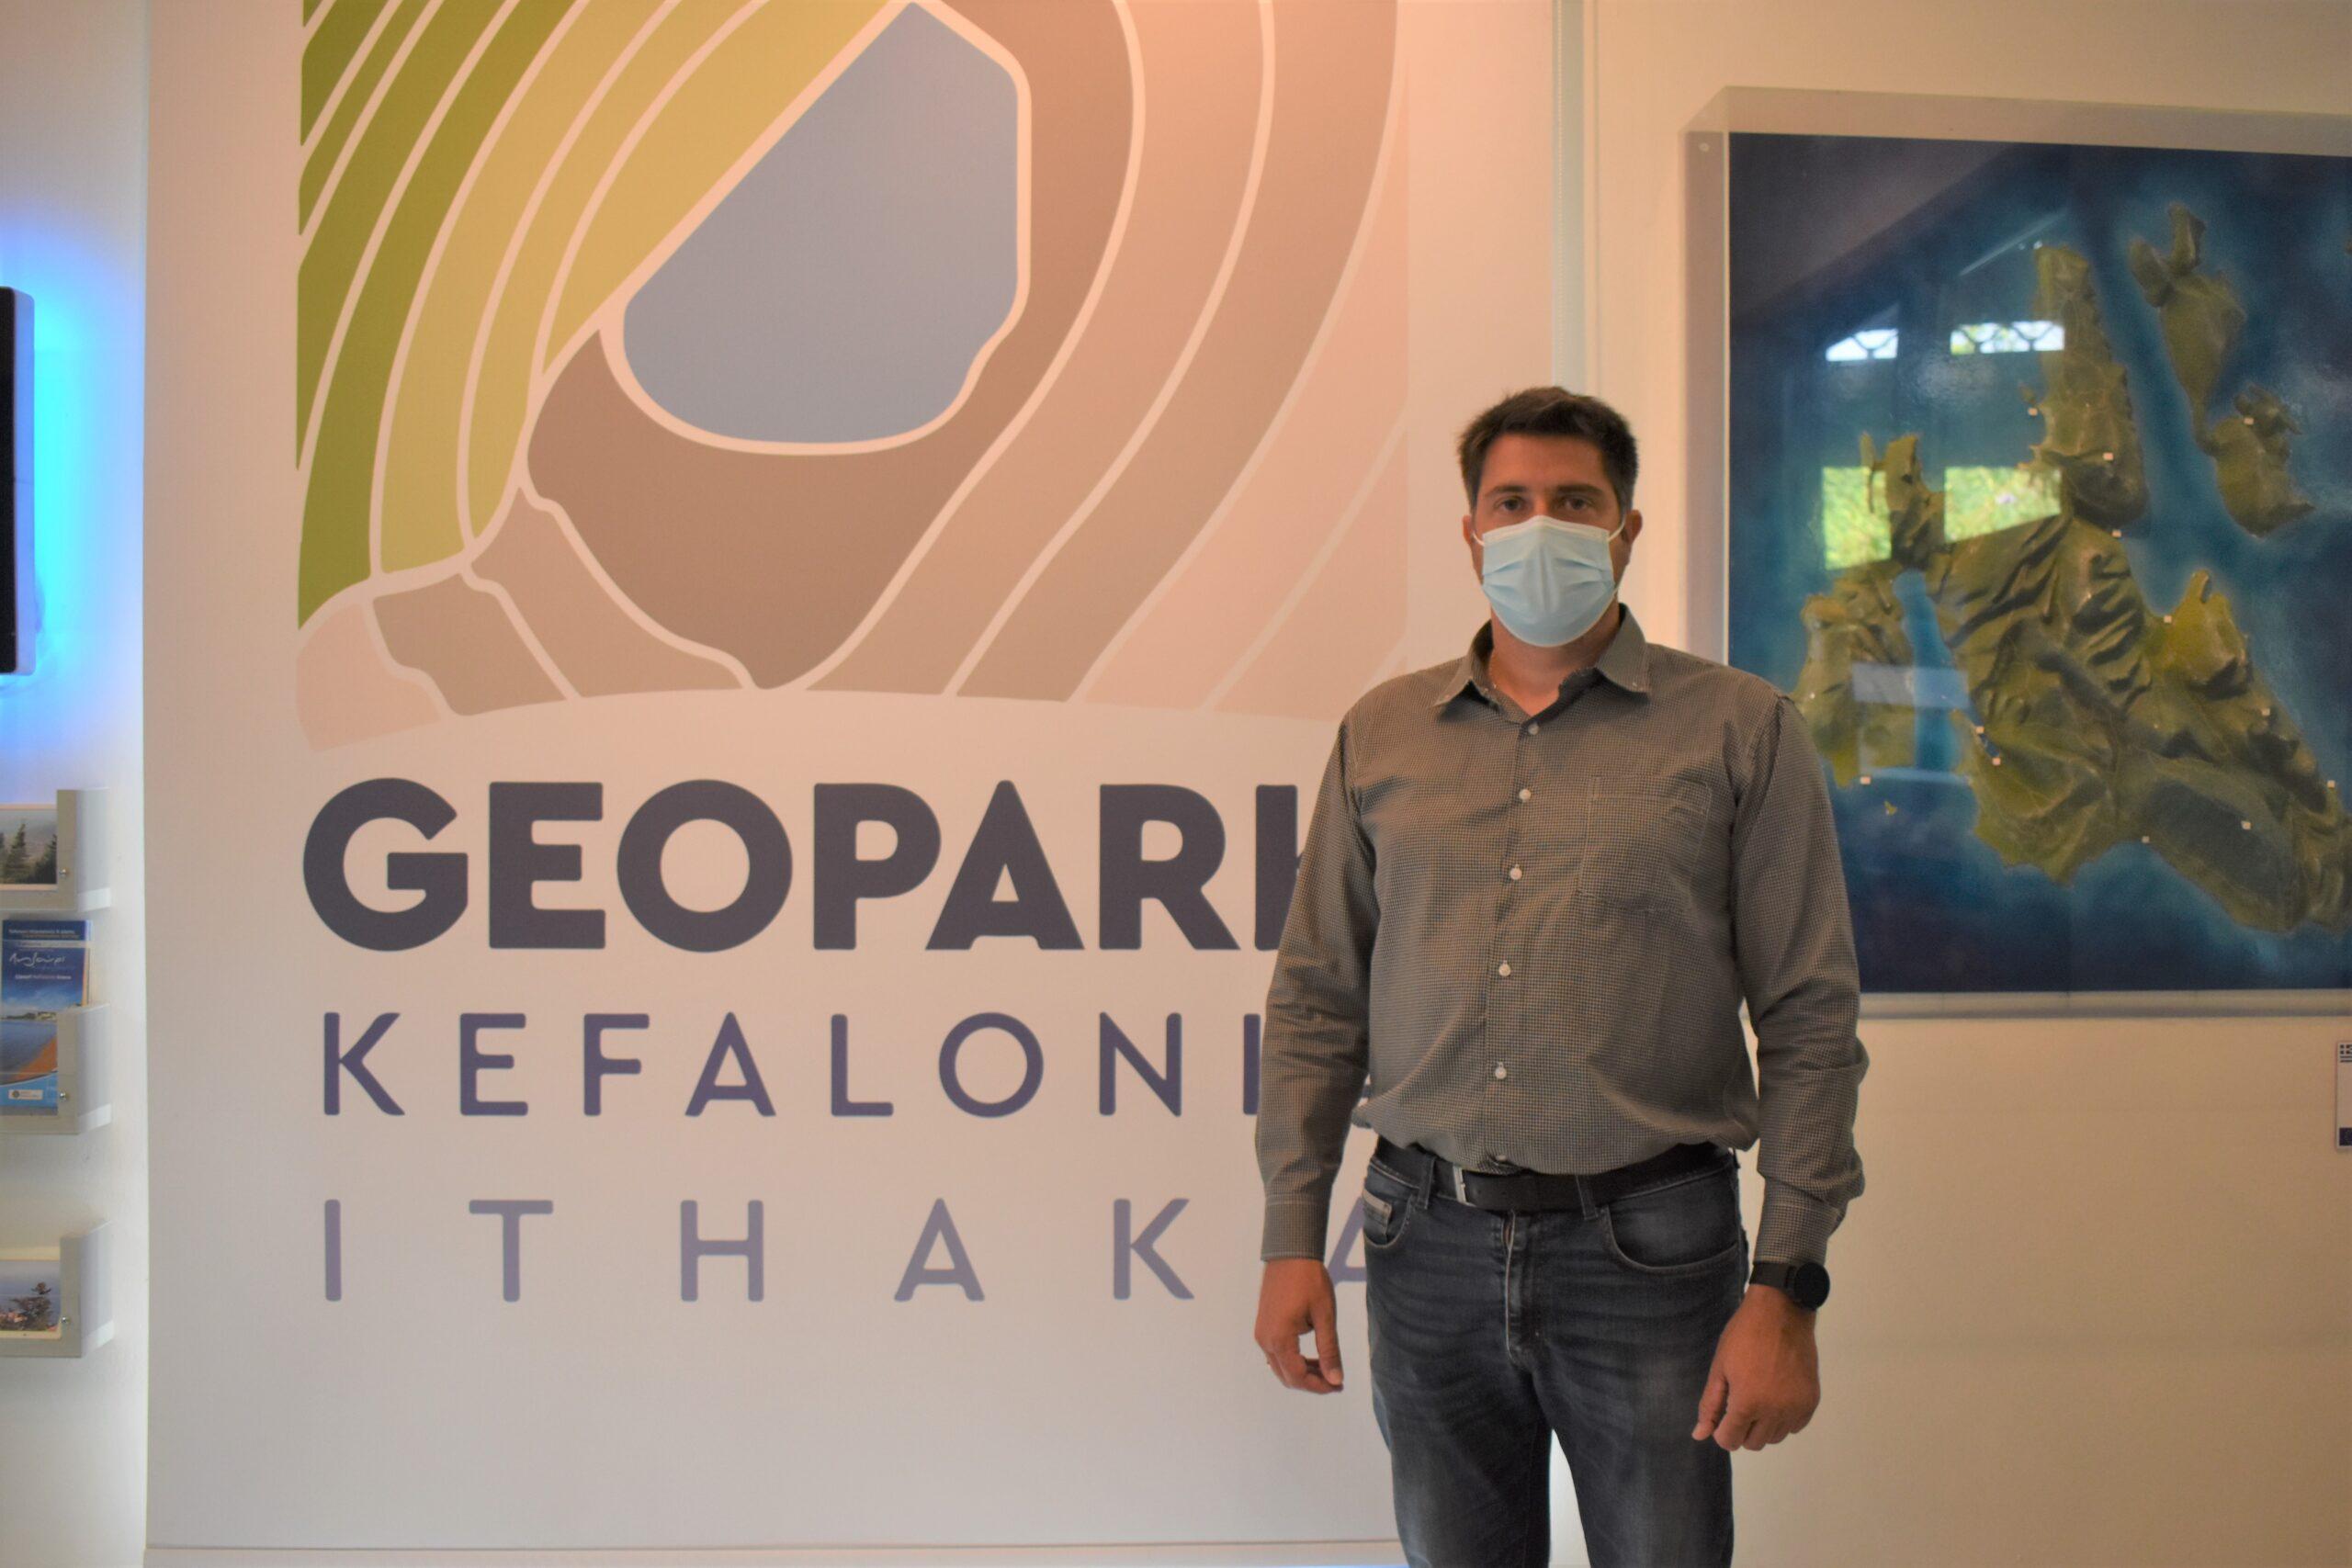 Ο Διευθυντής του Φορέα Διαχείρισης Αίνου Μιχάλης Ξανθάκης μιλάει αποκλειστικά στο Ekefalonia για τις δράσεις και τους στόχους του οργανισμού [εικόνες]